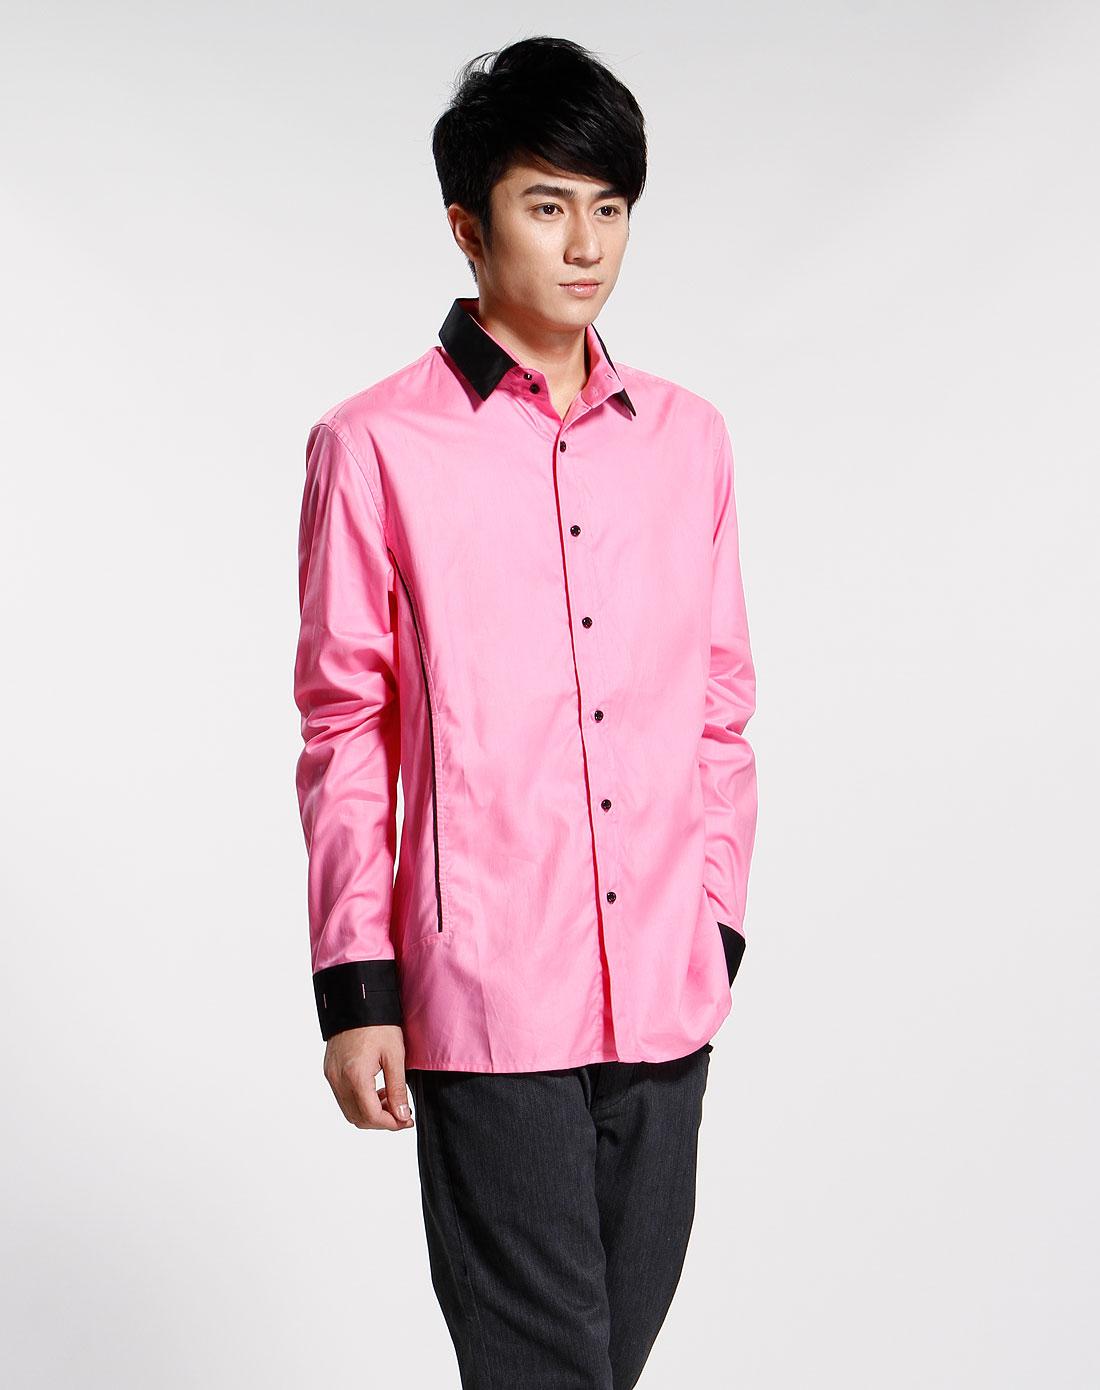 粉红色休闲长袖衬衫